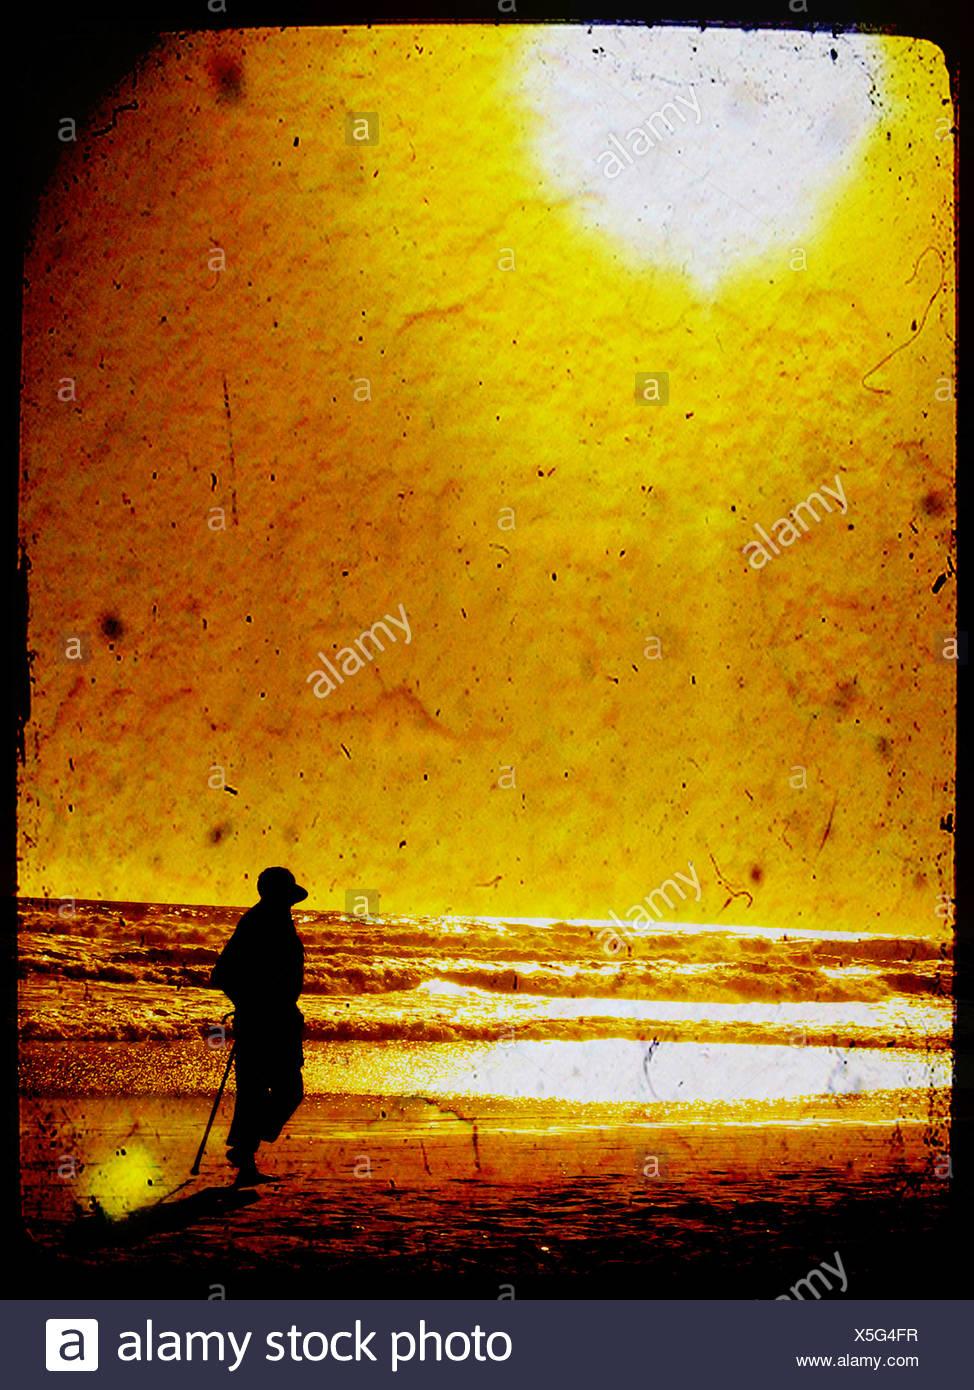 Die Silhouette einer Erwachsenen-Figur am Strand mit einer untergehenden Sonne Stockbild